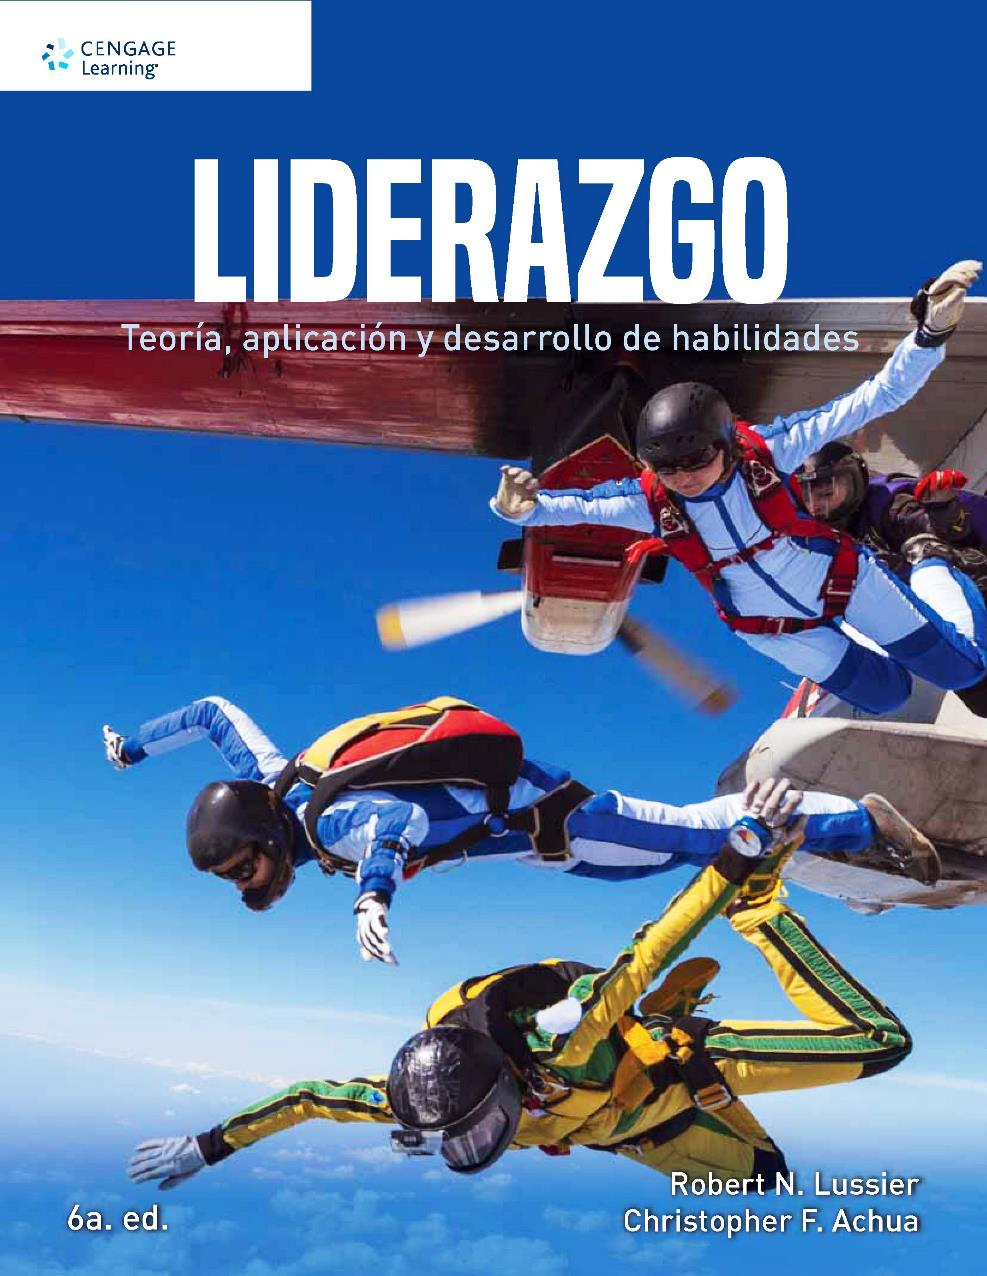 Liderazgo: Teoría, aplicación y desarrollo de habilidades, 6ta Edición – Robert N. Lussier